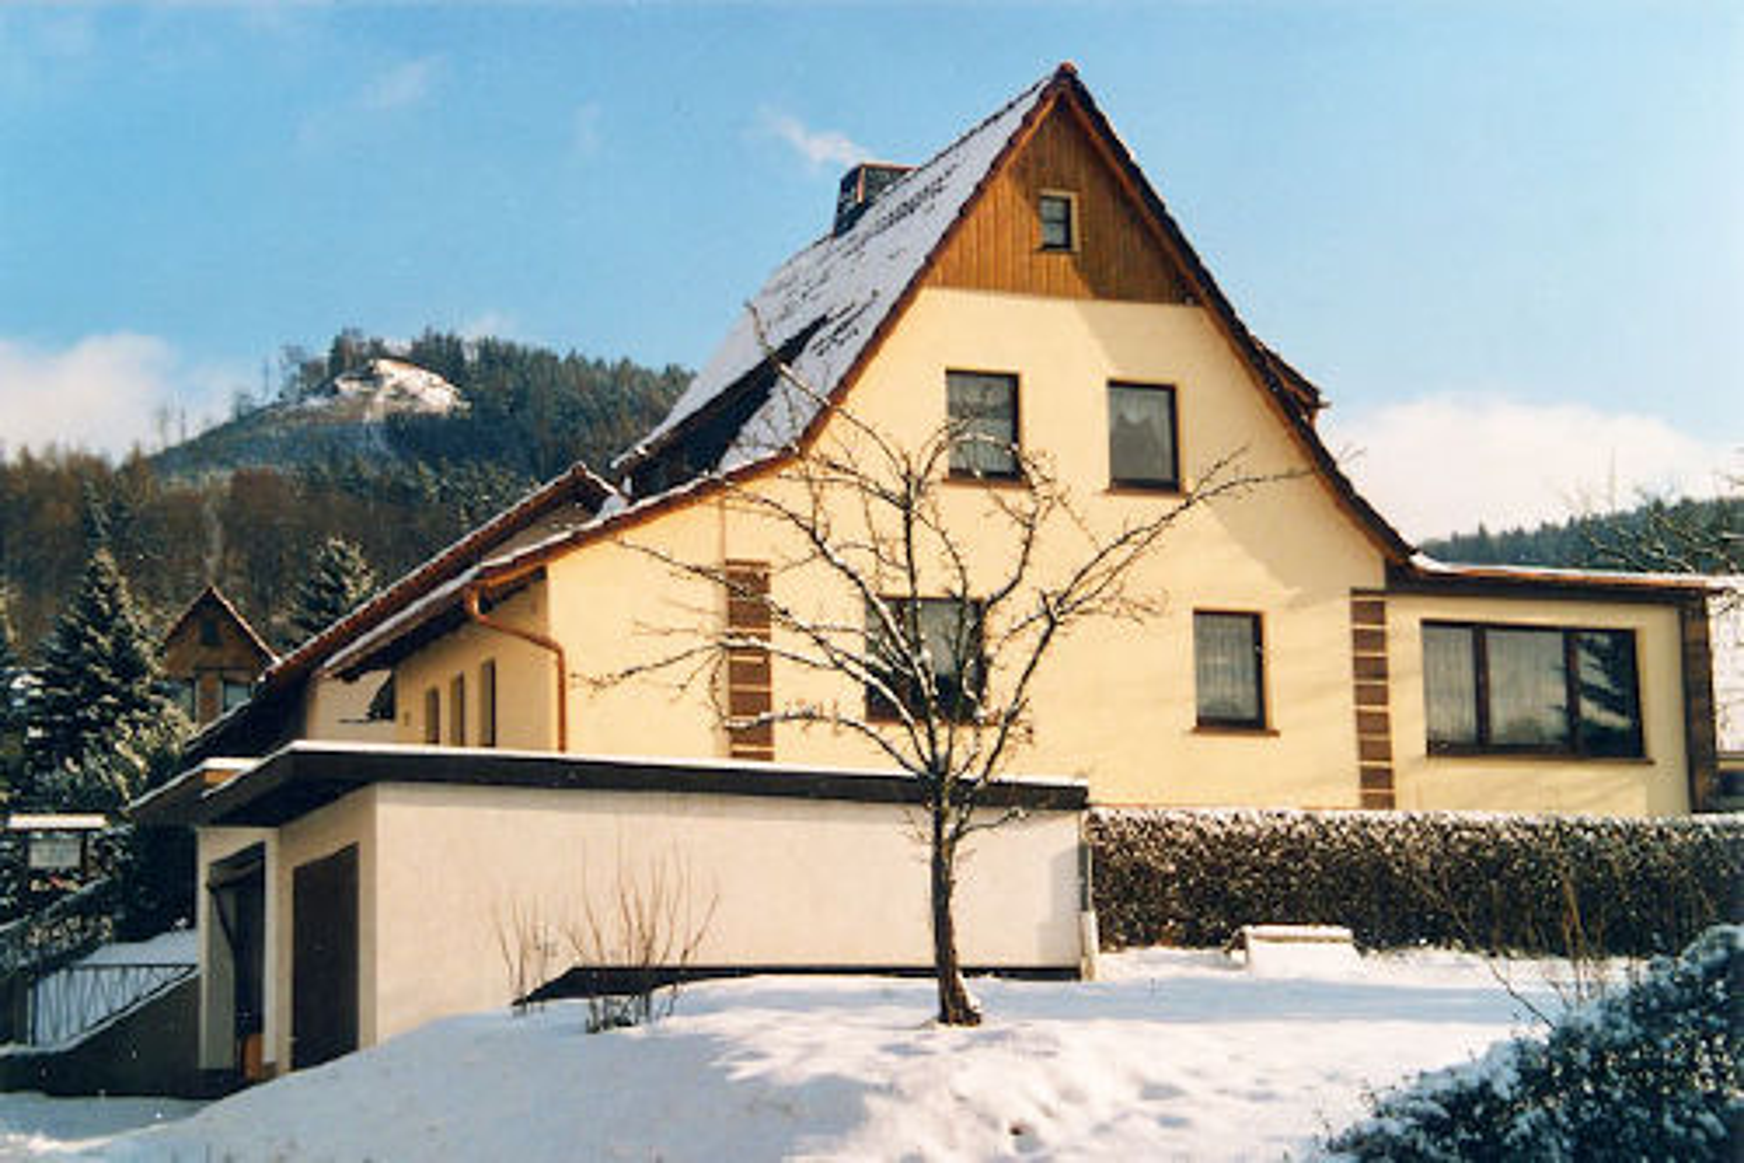 Ferienwohnung Bergblick, Winteransicht